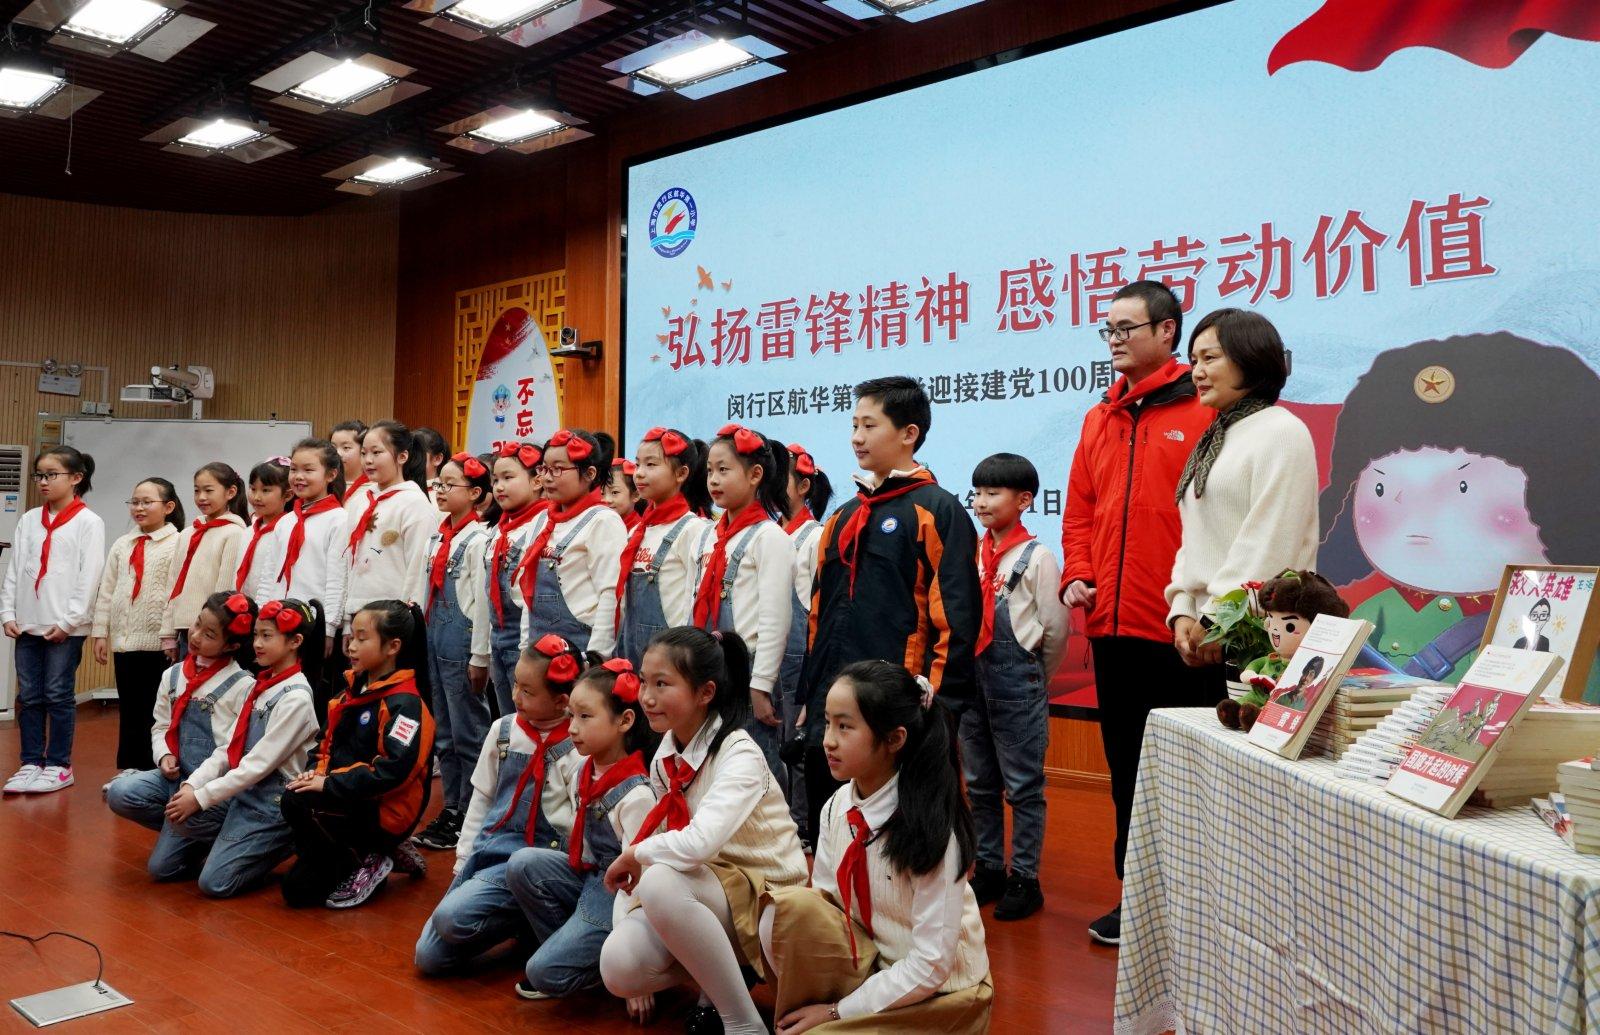 3月1日,學生們在活動現場與王海濱(右二)合影。(新華社)